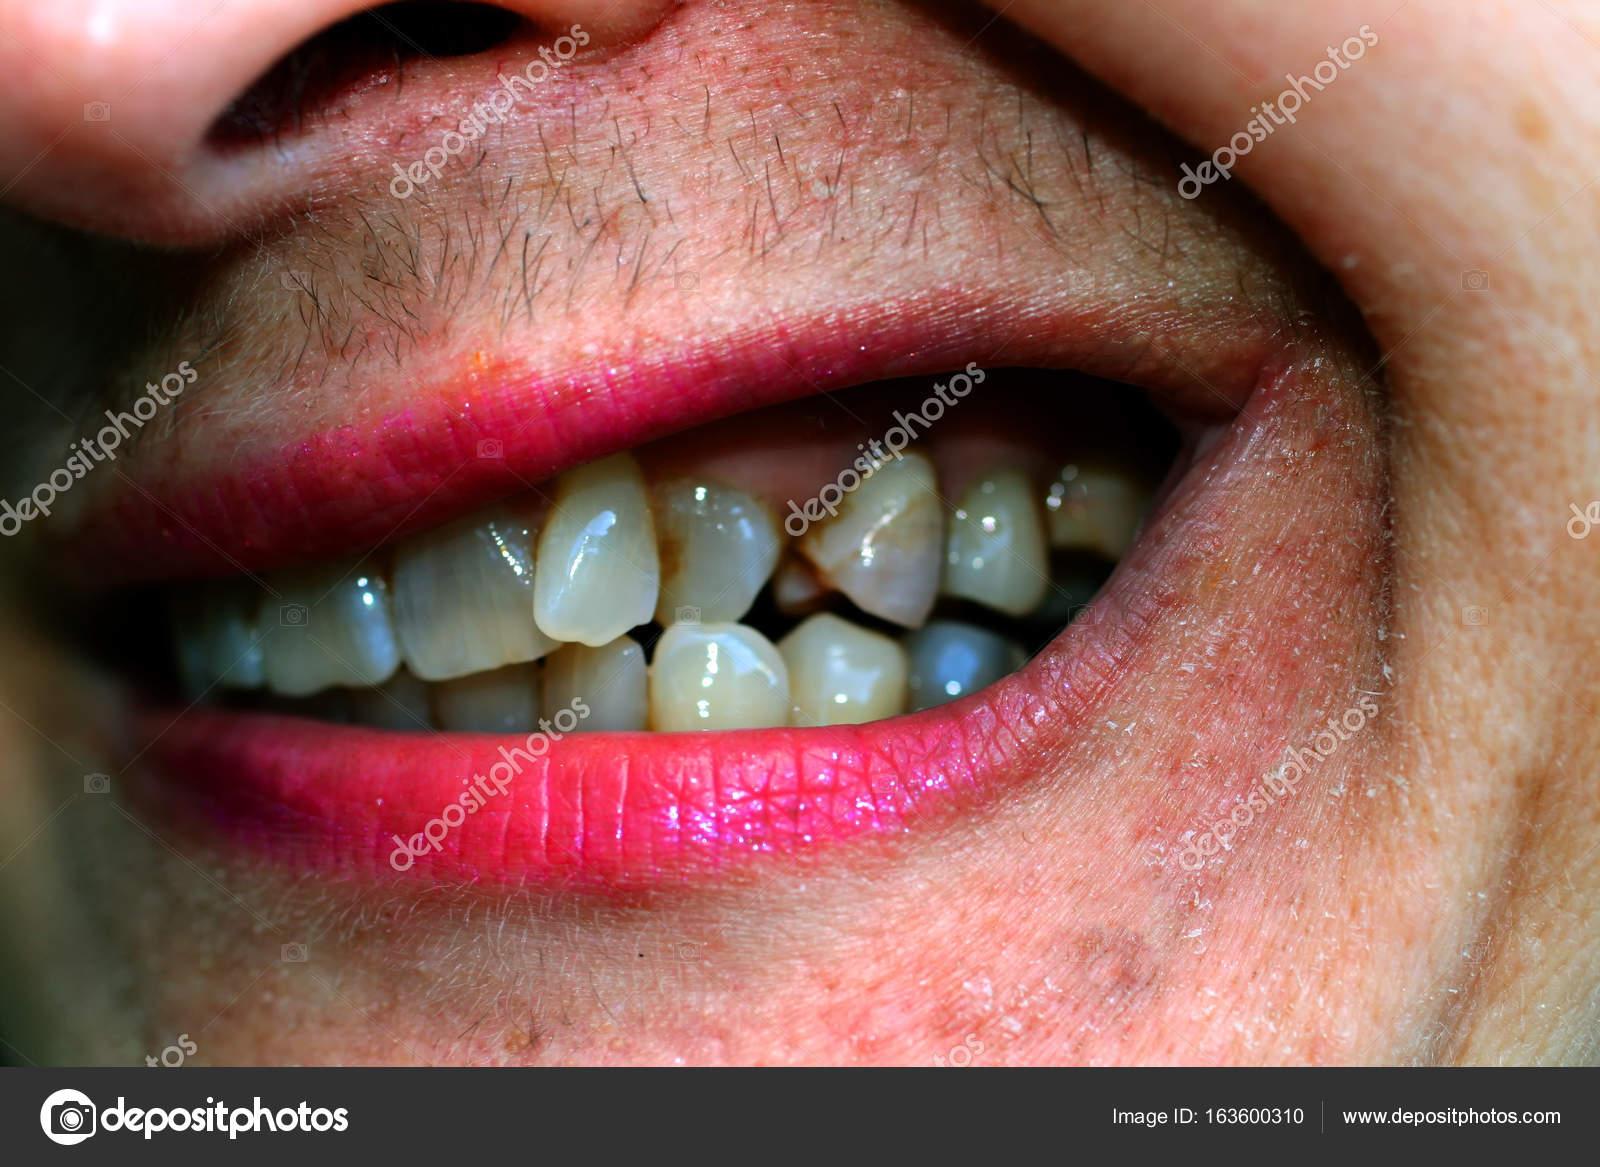 Dientes Chuecos En La Boca Ortodoncia Oclusión Dental Defectuosa